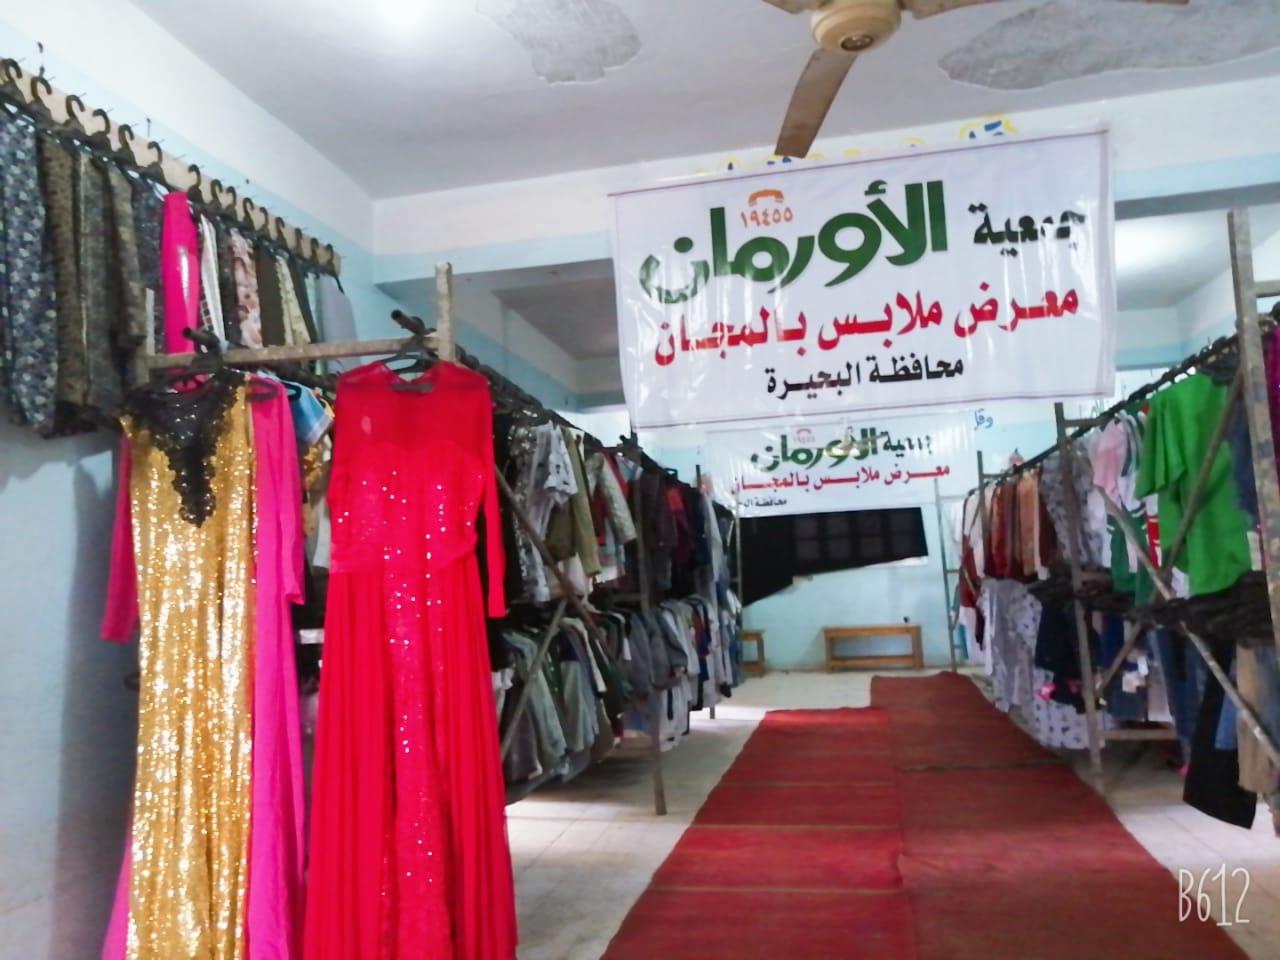 معرض لتوزيع 1200 قطعه ملابس جديده بالمجان على محدودي الدخل بقرى حوش عيسى من الاورمان